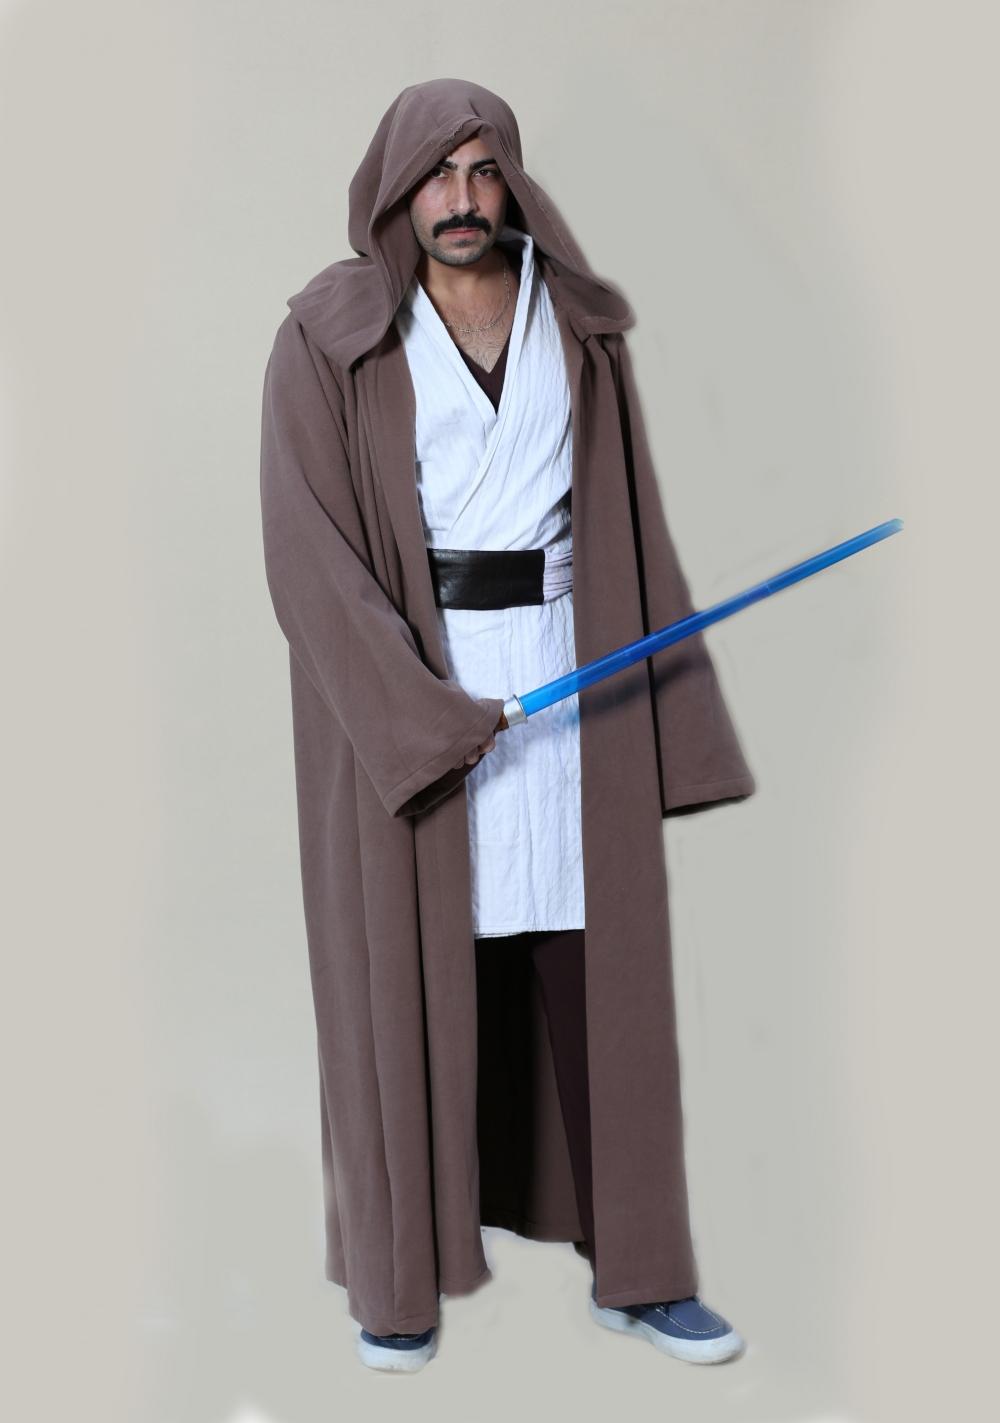 Obi-Wan-Kenobi-Kostum